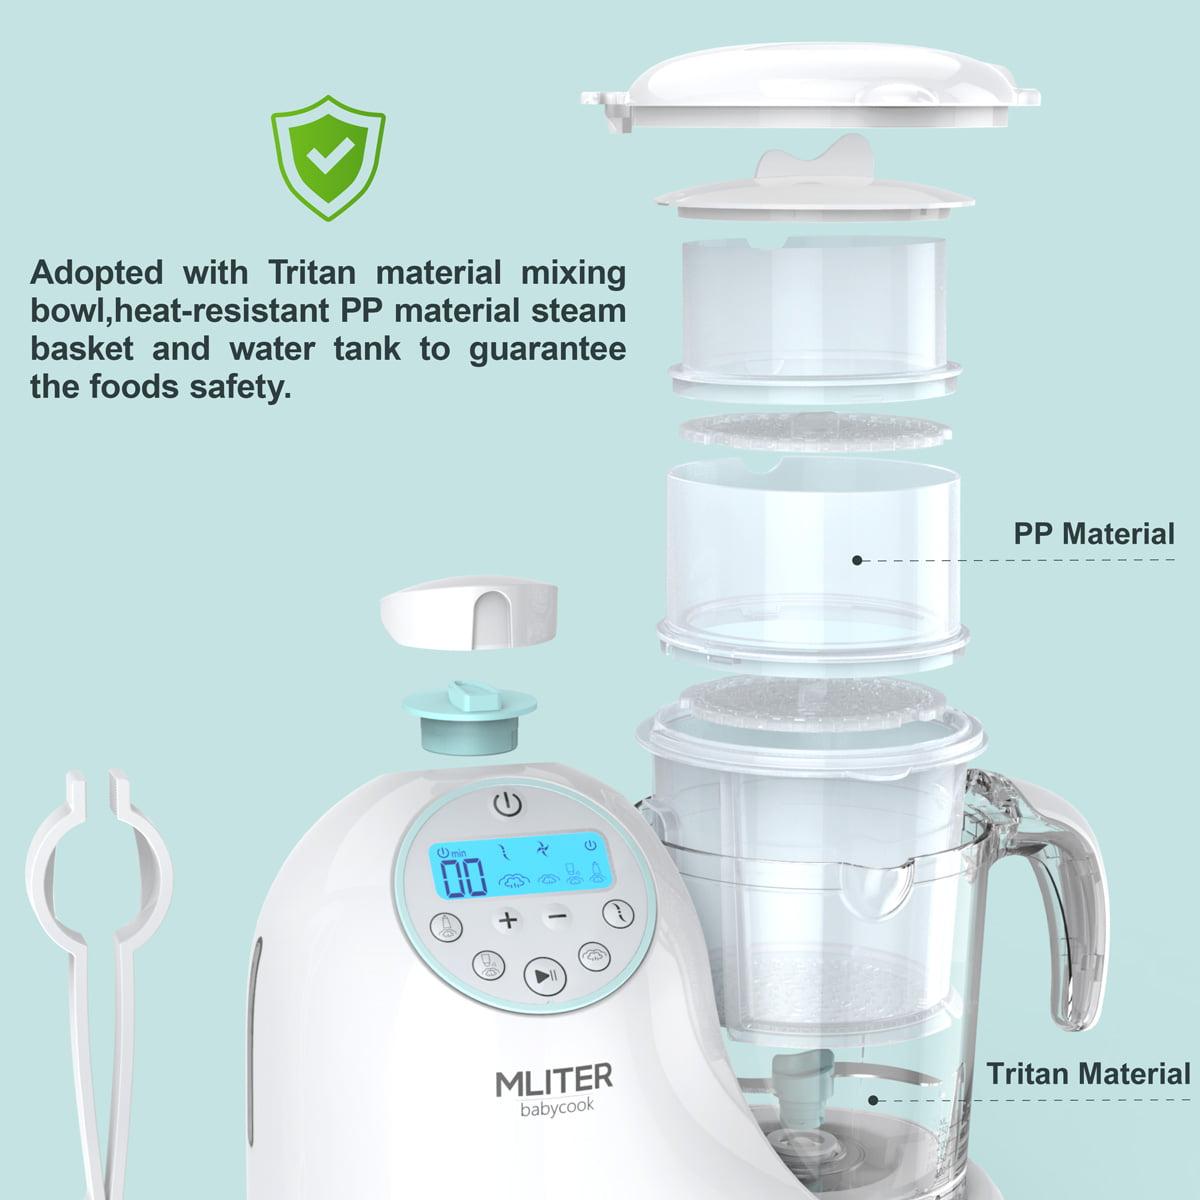 Mliter 5 in 1 Baby Food Processor/Maker - Walmart.com